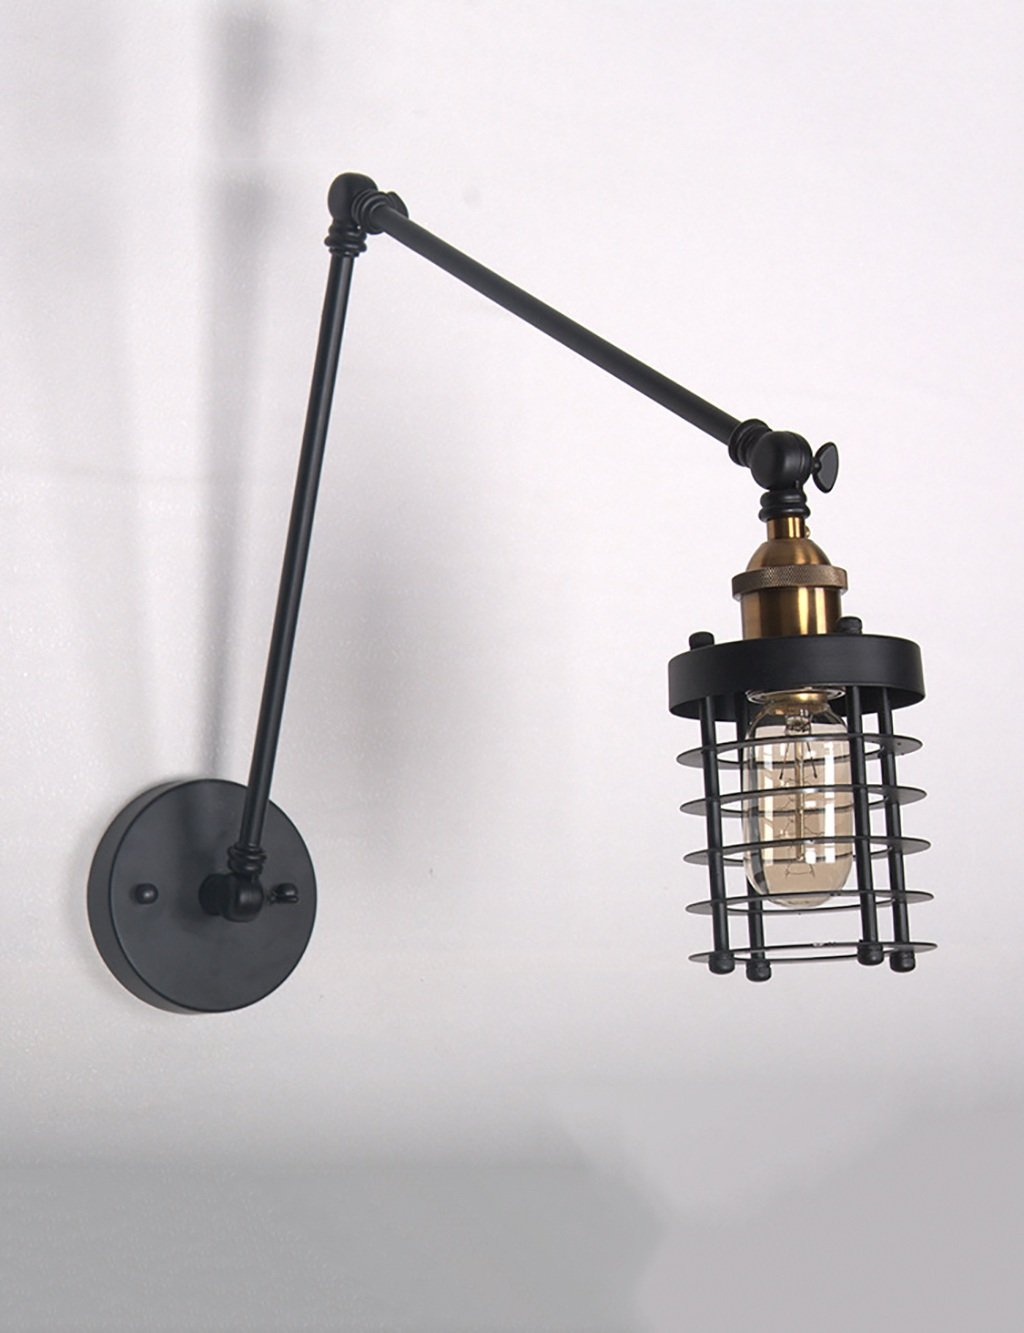 YYF Wandlampe Europäische Retro-Eisen-Wand-Lampe Nachttischlampen-Wohnzimmer-Studie-Restaurant-Balkon-Portal-Wand-Lampe